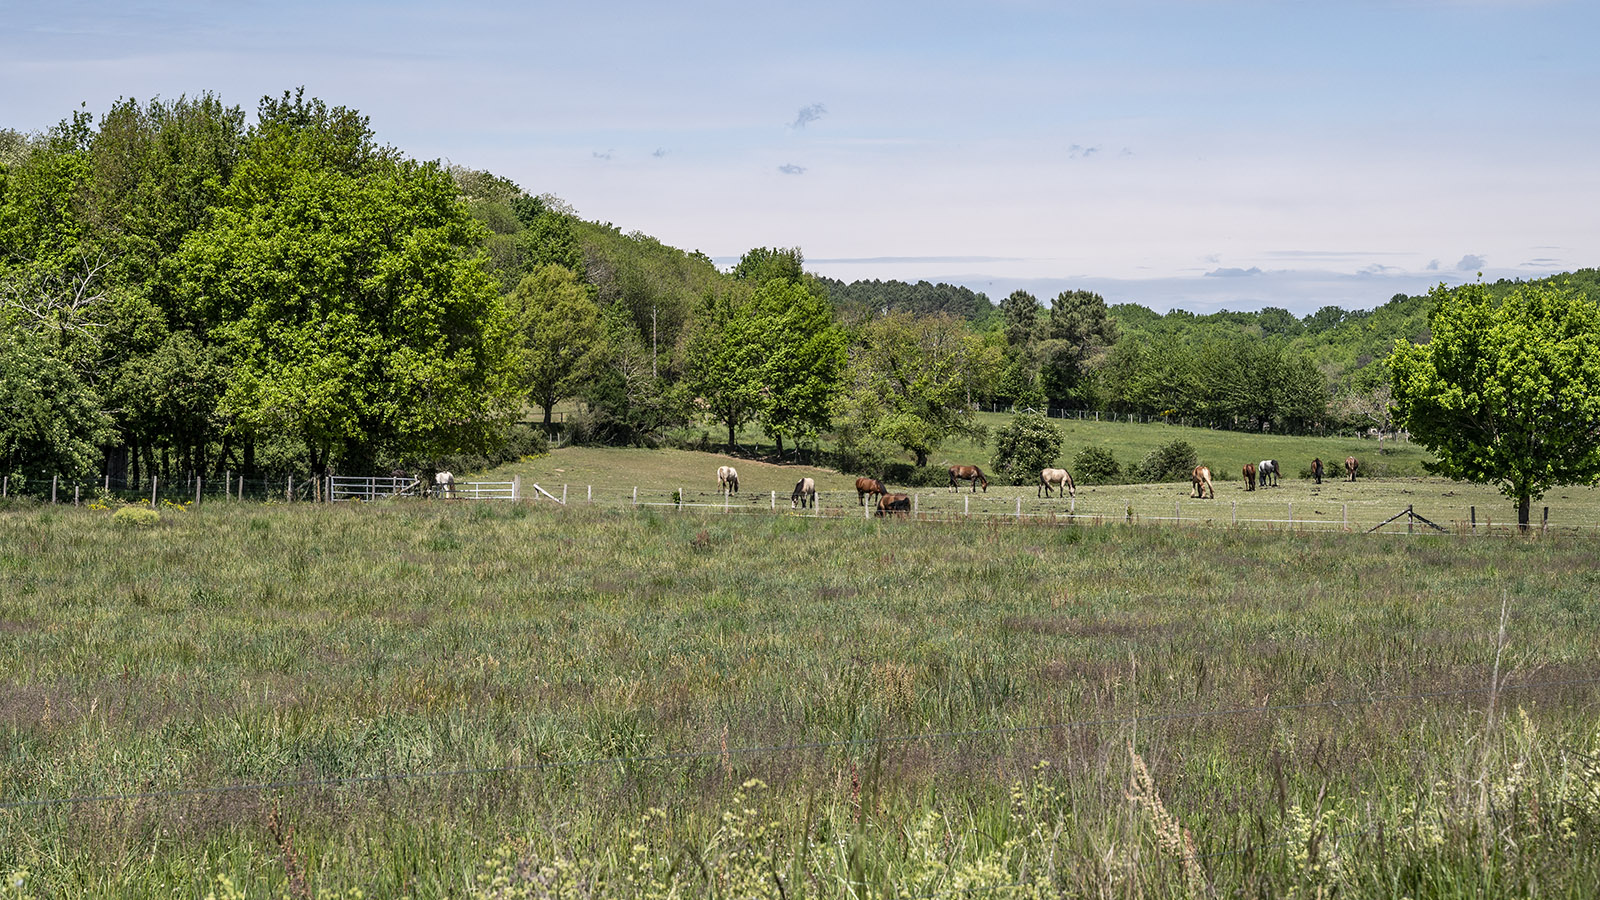 Tursac, Pferdekoppel im Vézère-Tal. Foto: Hilke Maunder